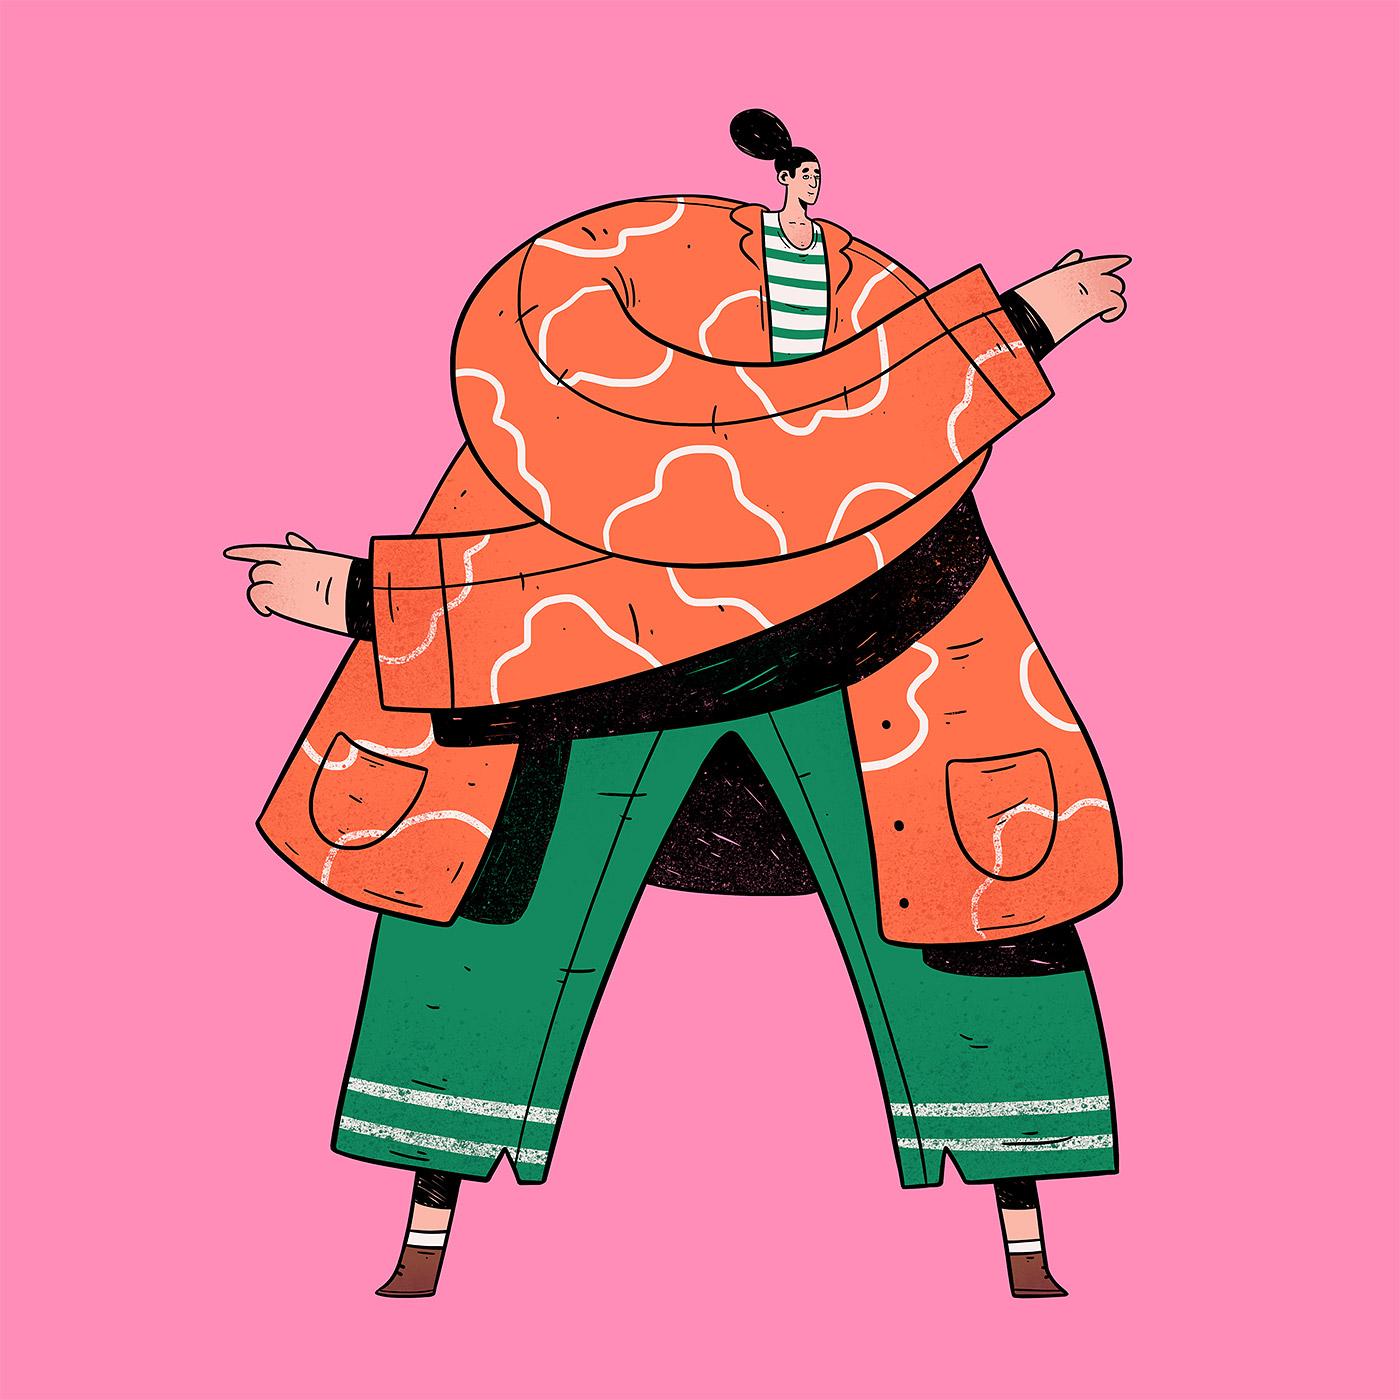 illustration-lucas-wakamatsu-07.jpg